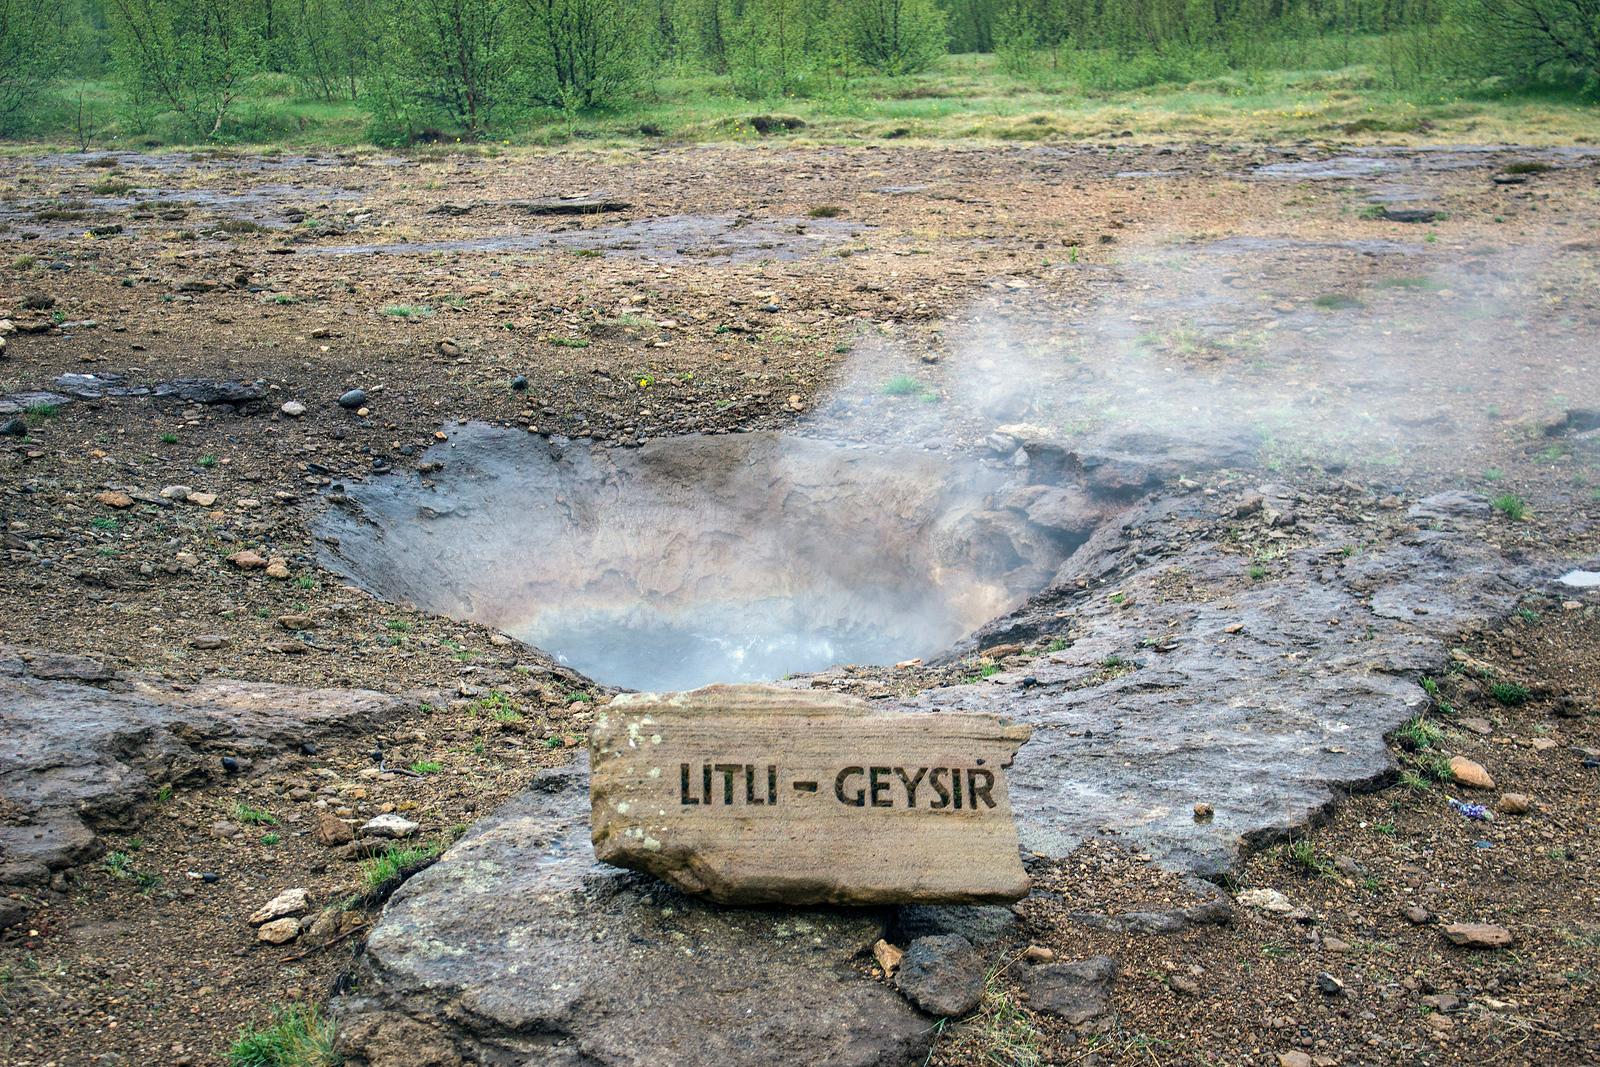 Litli Geysir - Little Geyser in Iceland